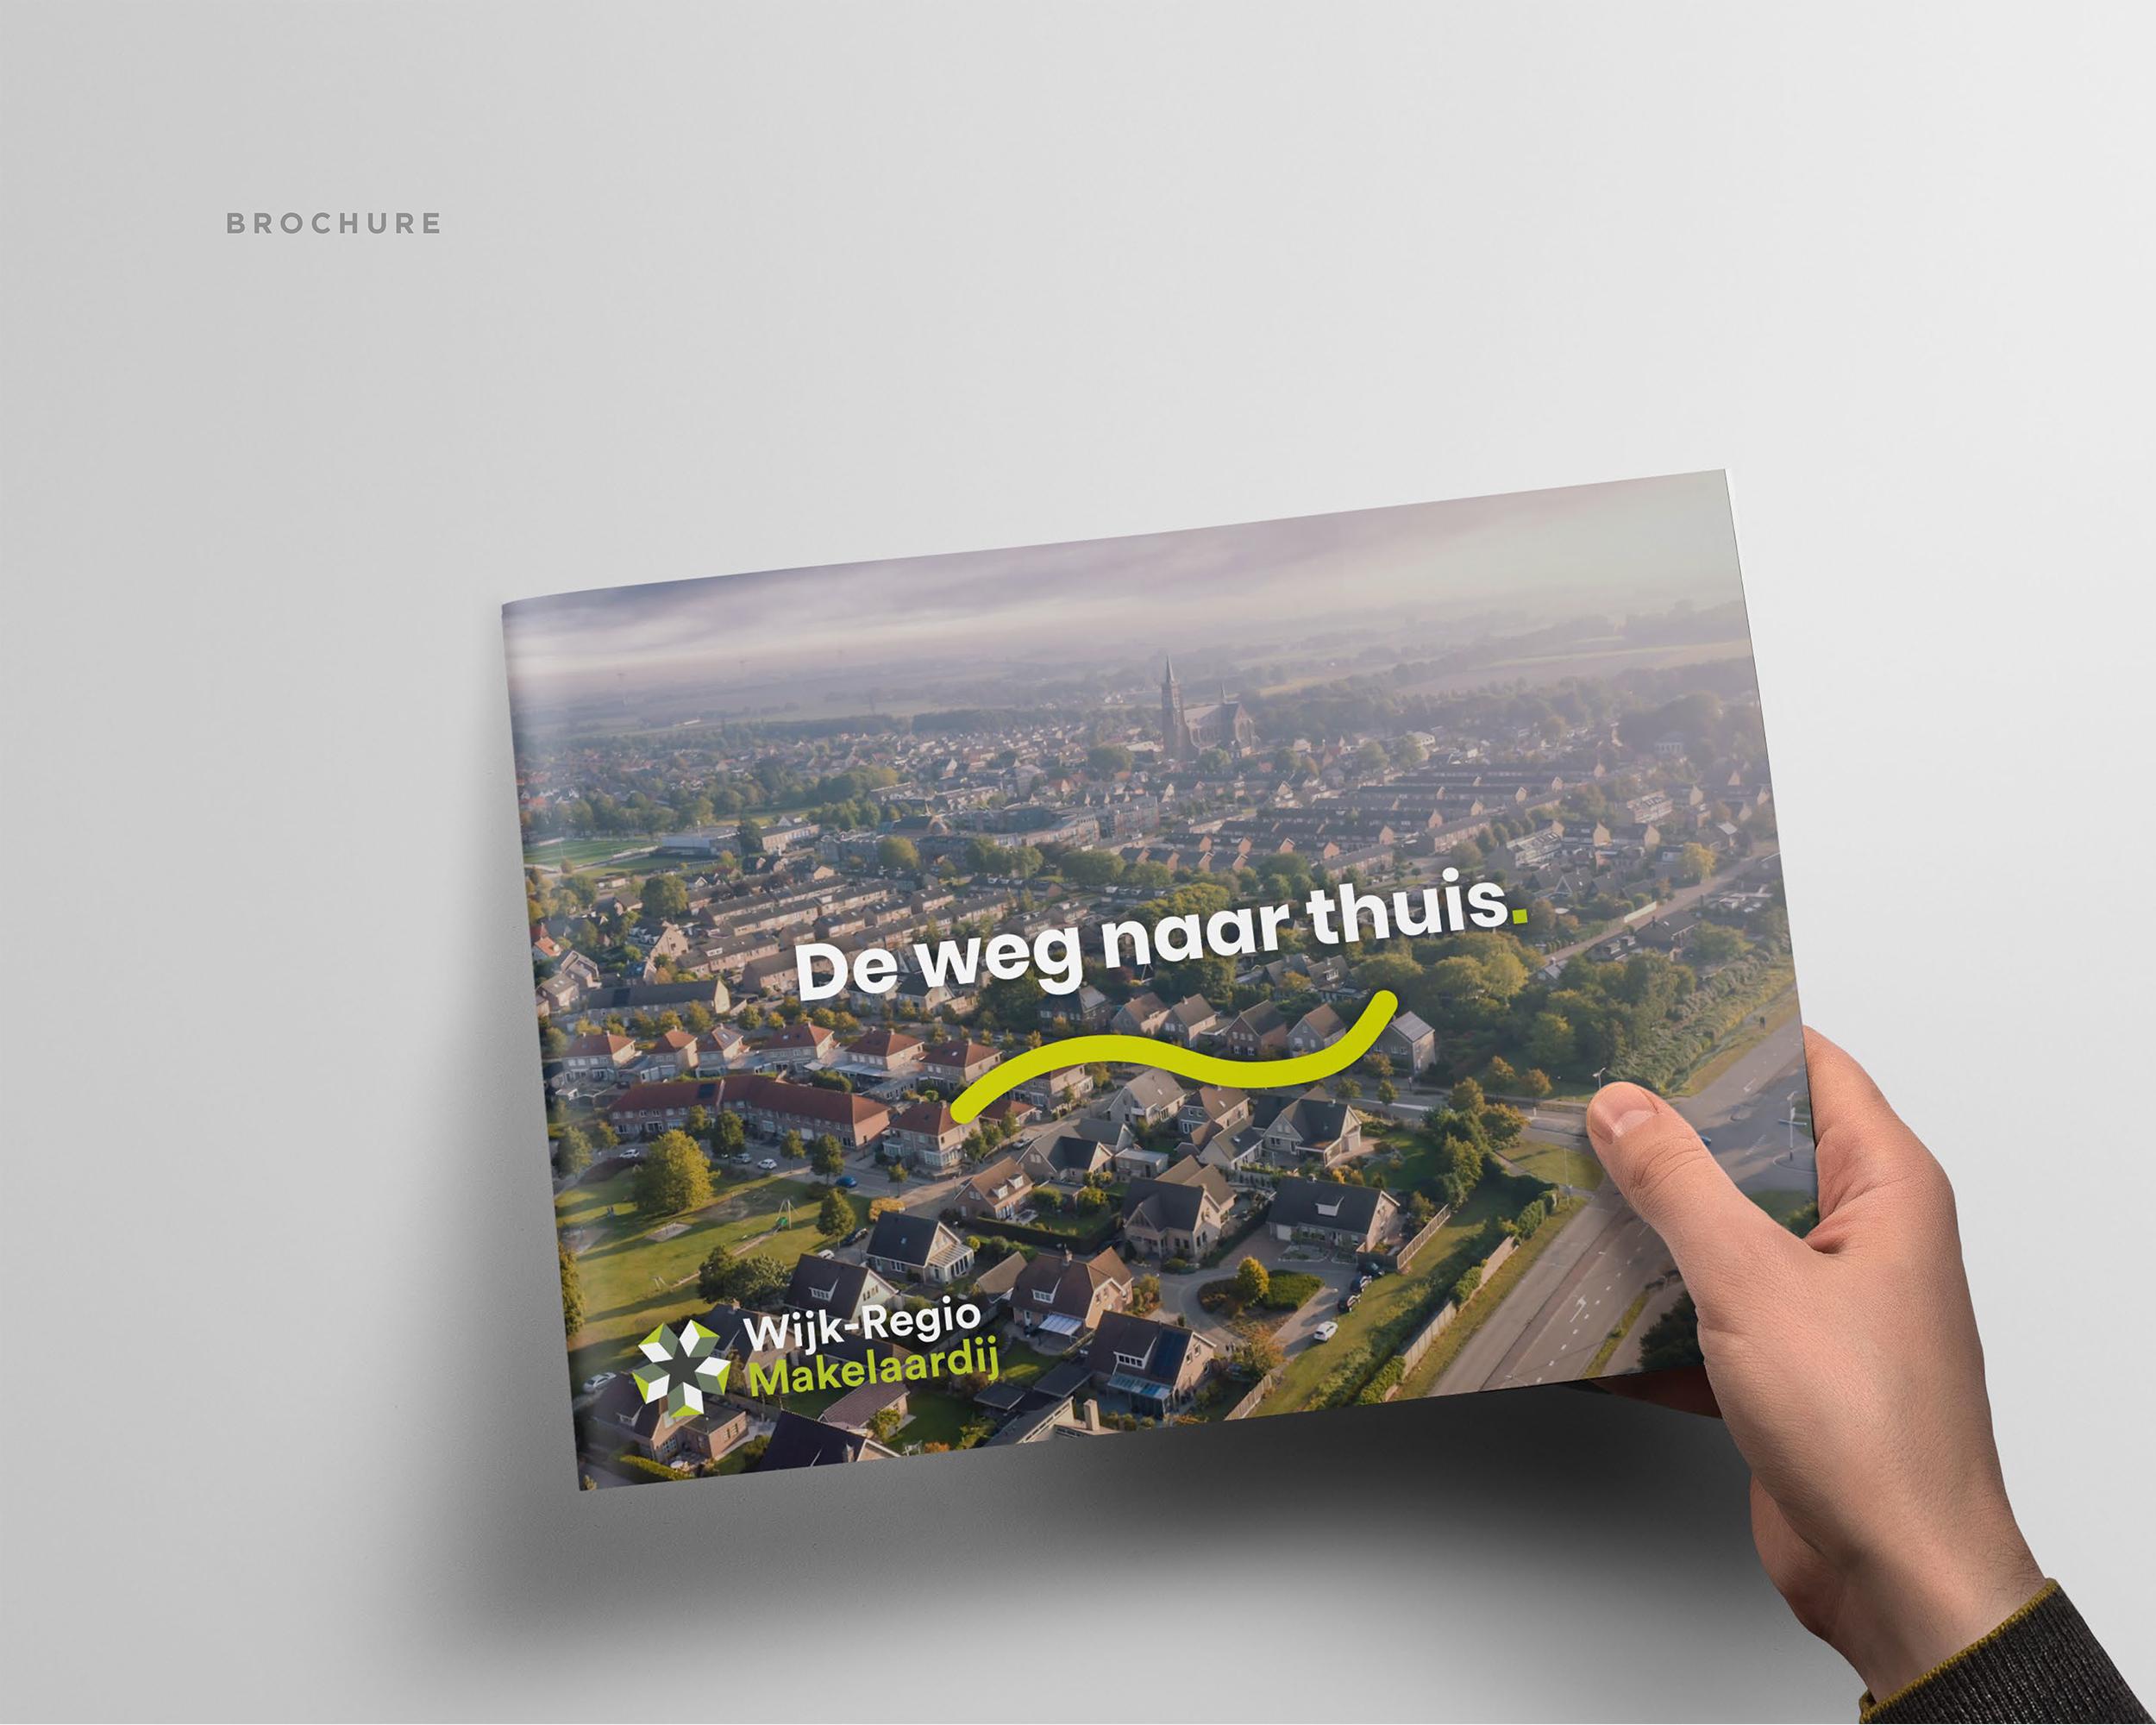 Assets_Wijk-Regio_Makelaardij_7